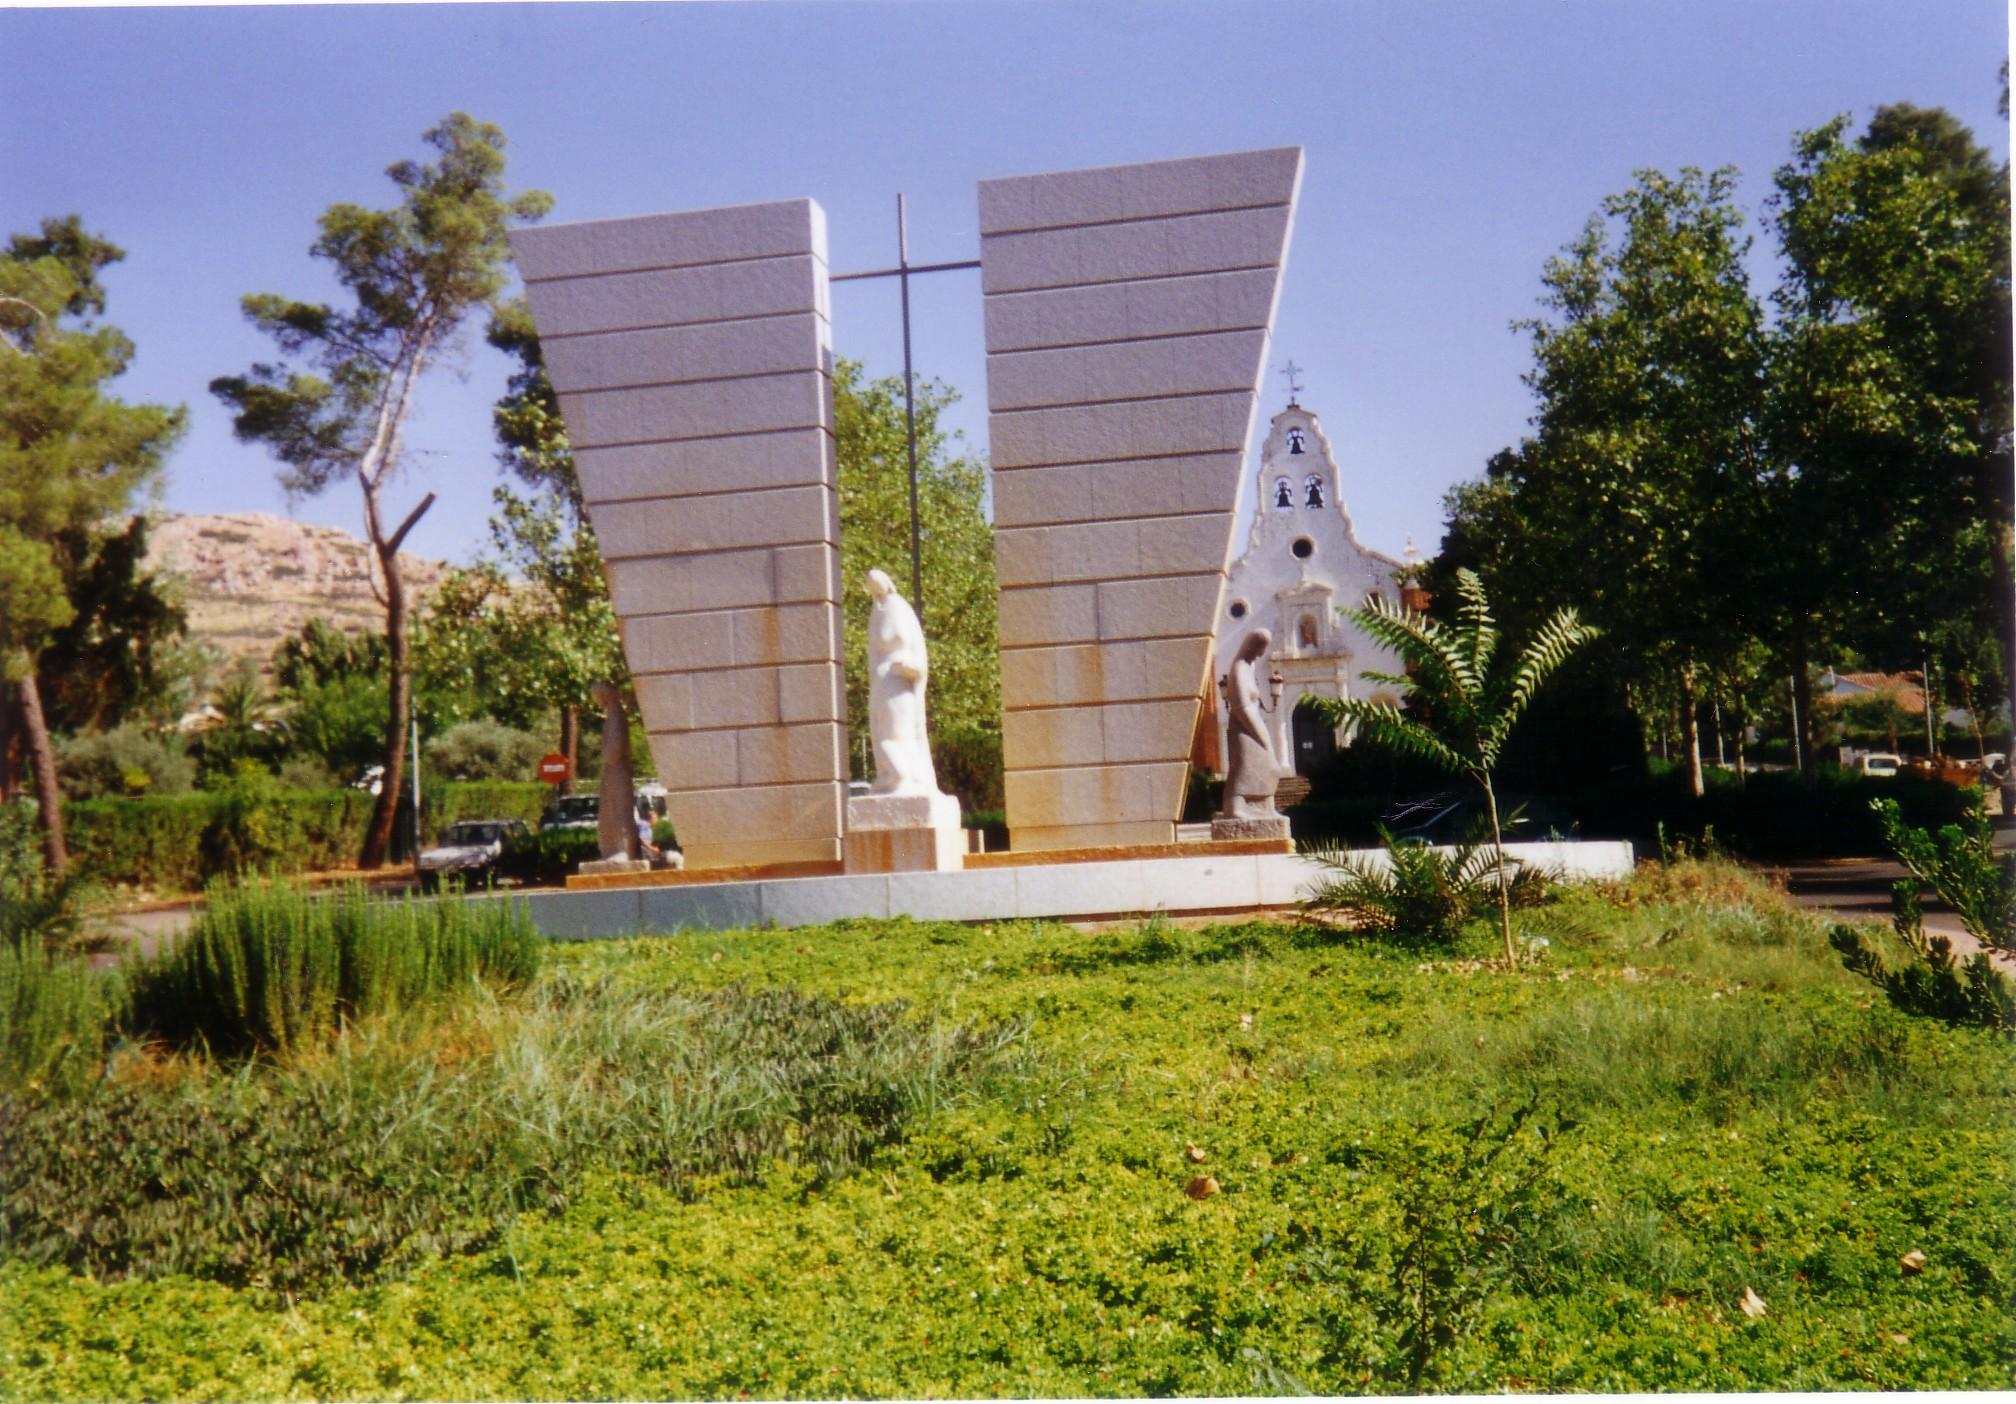 Monumento a los caídos en el trabajo en el Poblado, al fondo la Iglesia Santa Bárbara Fotografía F. Negrete 2018